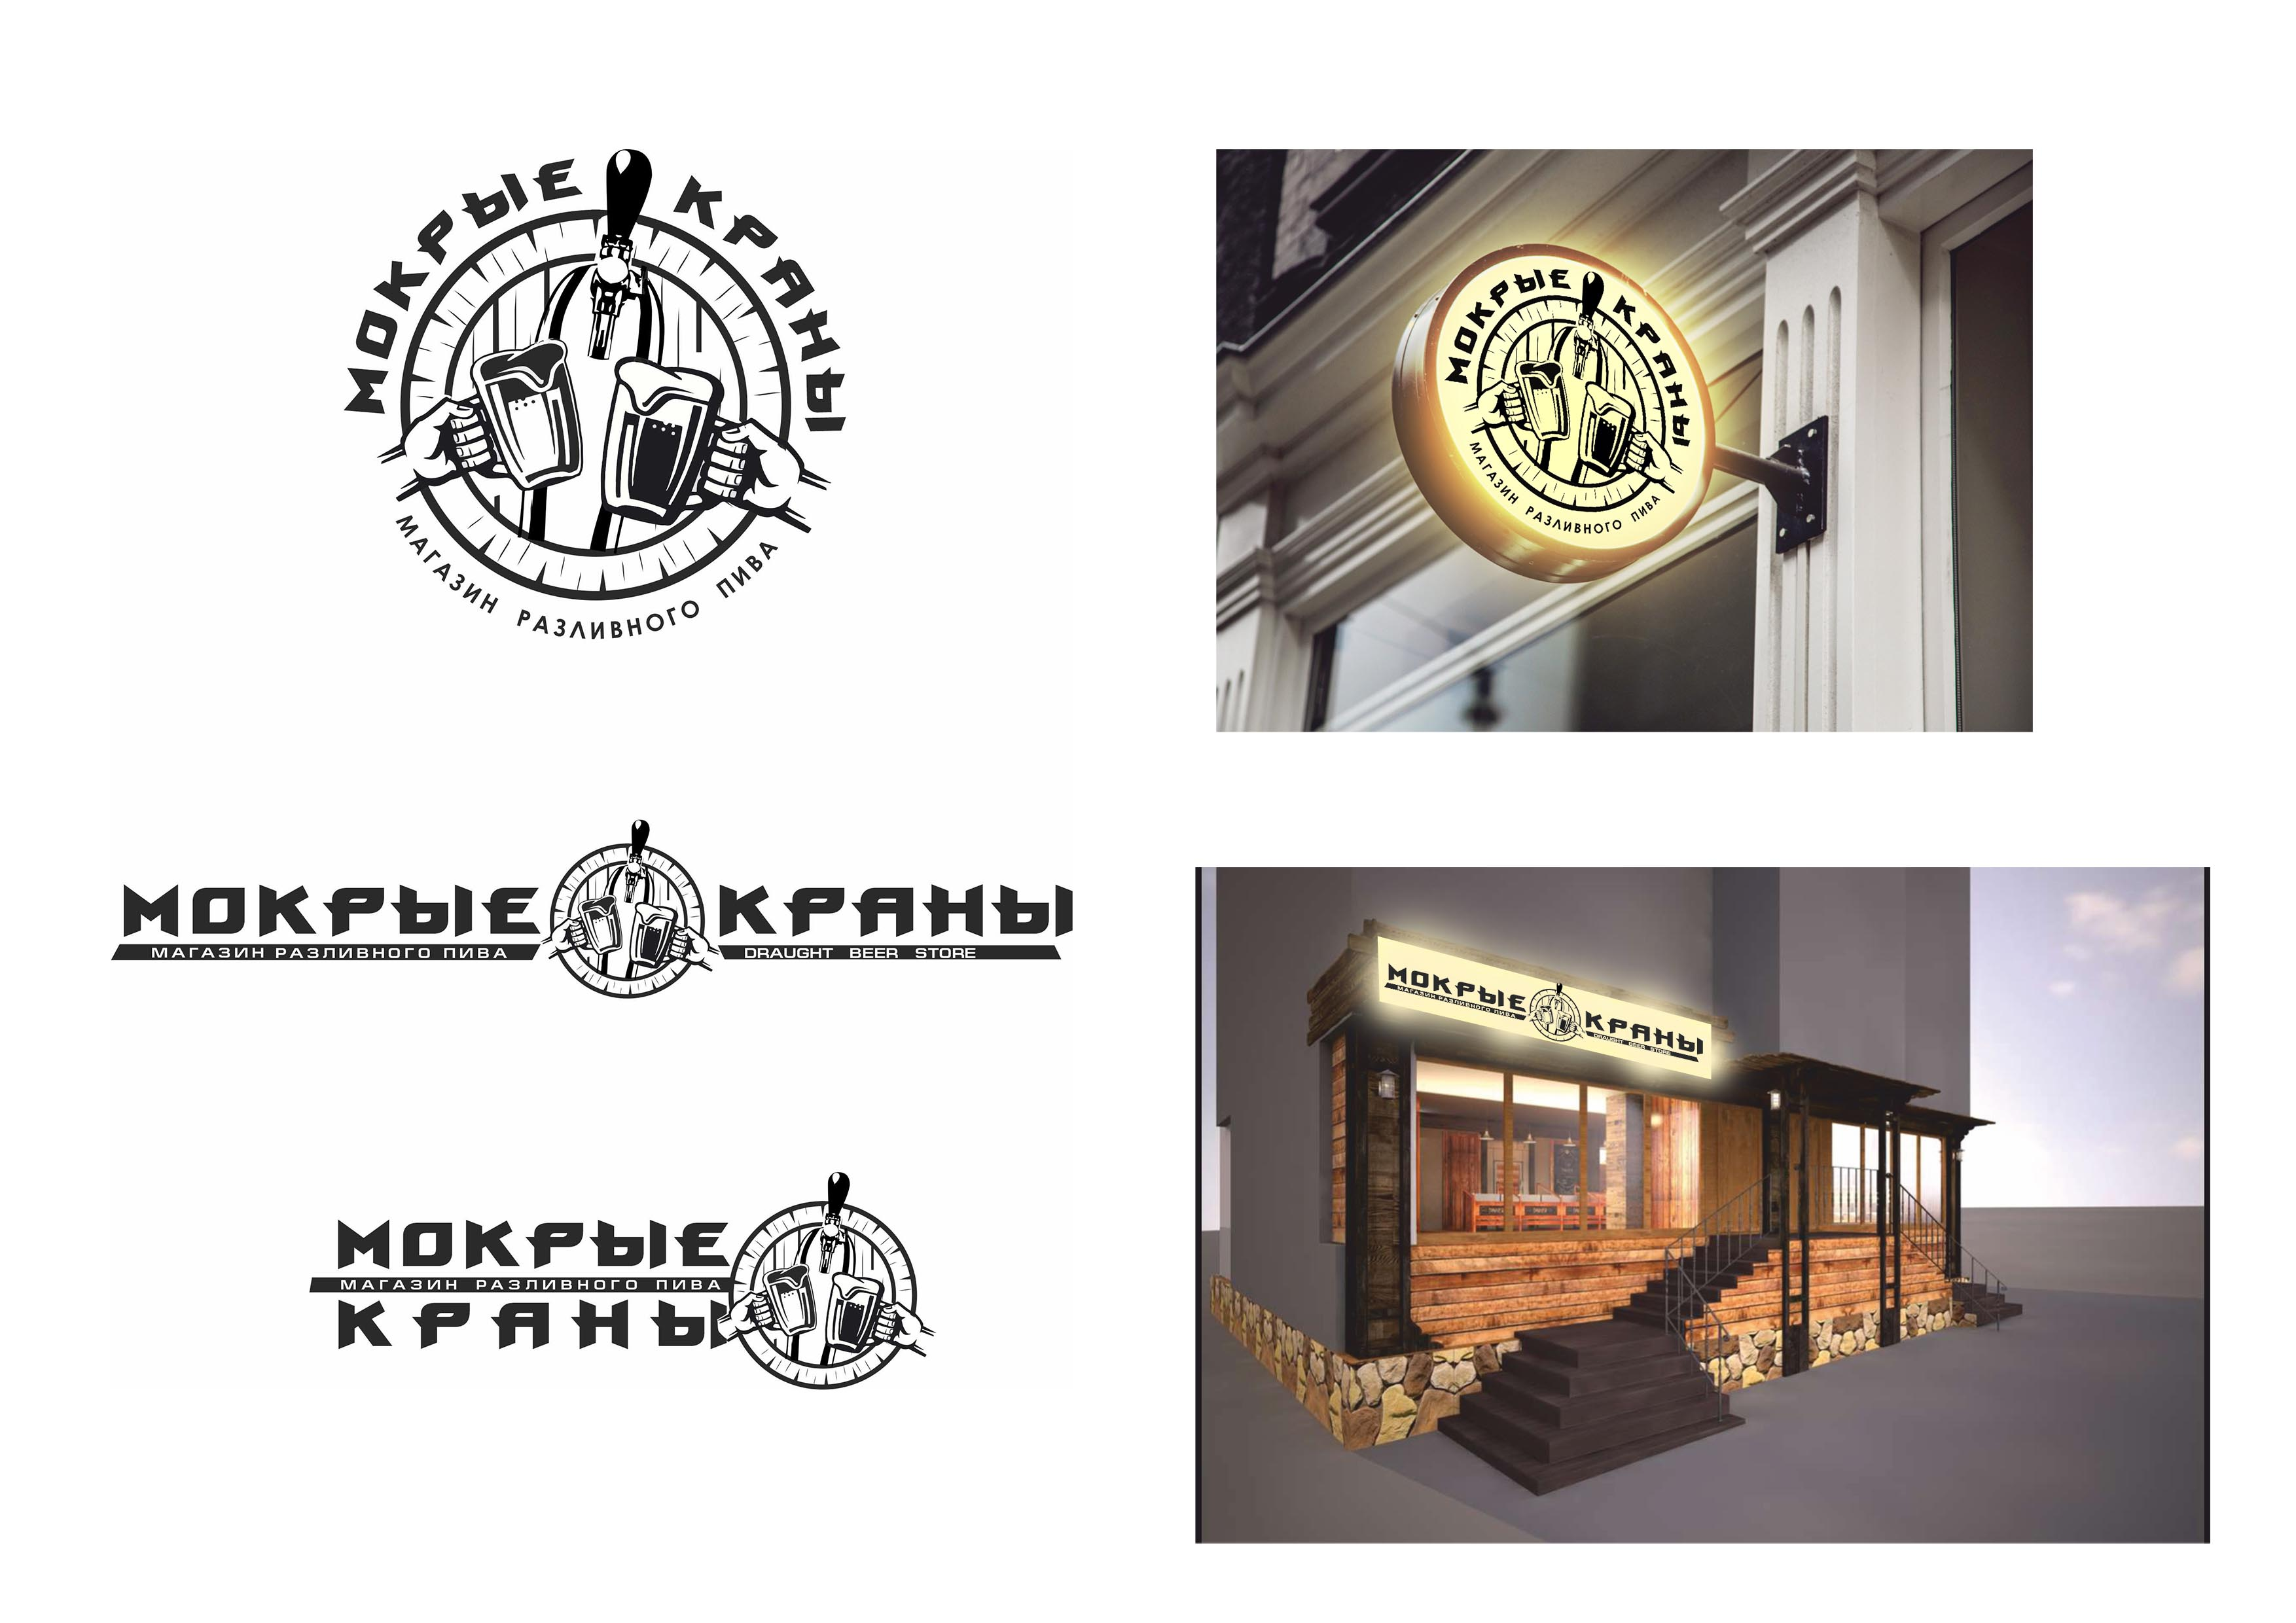 Вывеска/логотип для пивного магазина фото f_87860267b98b2b8b.jpg